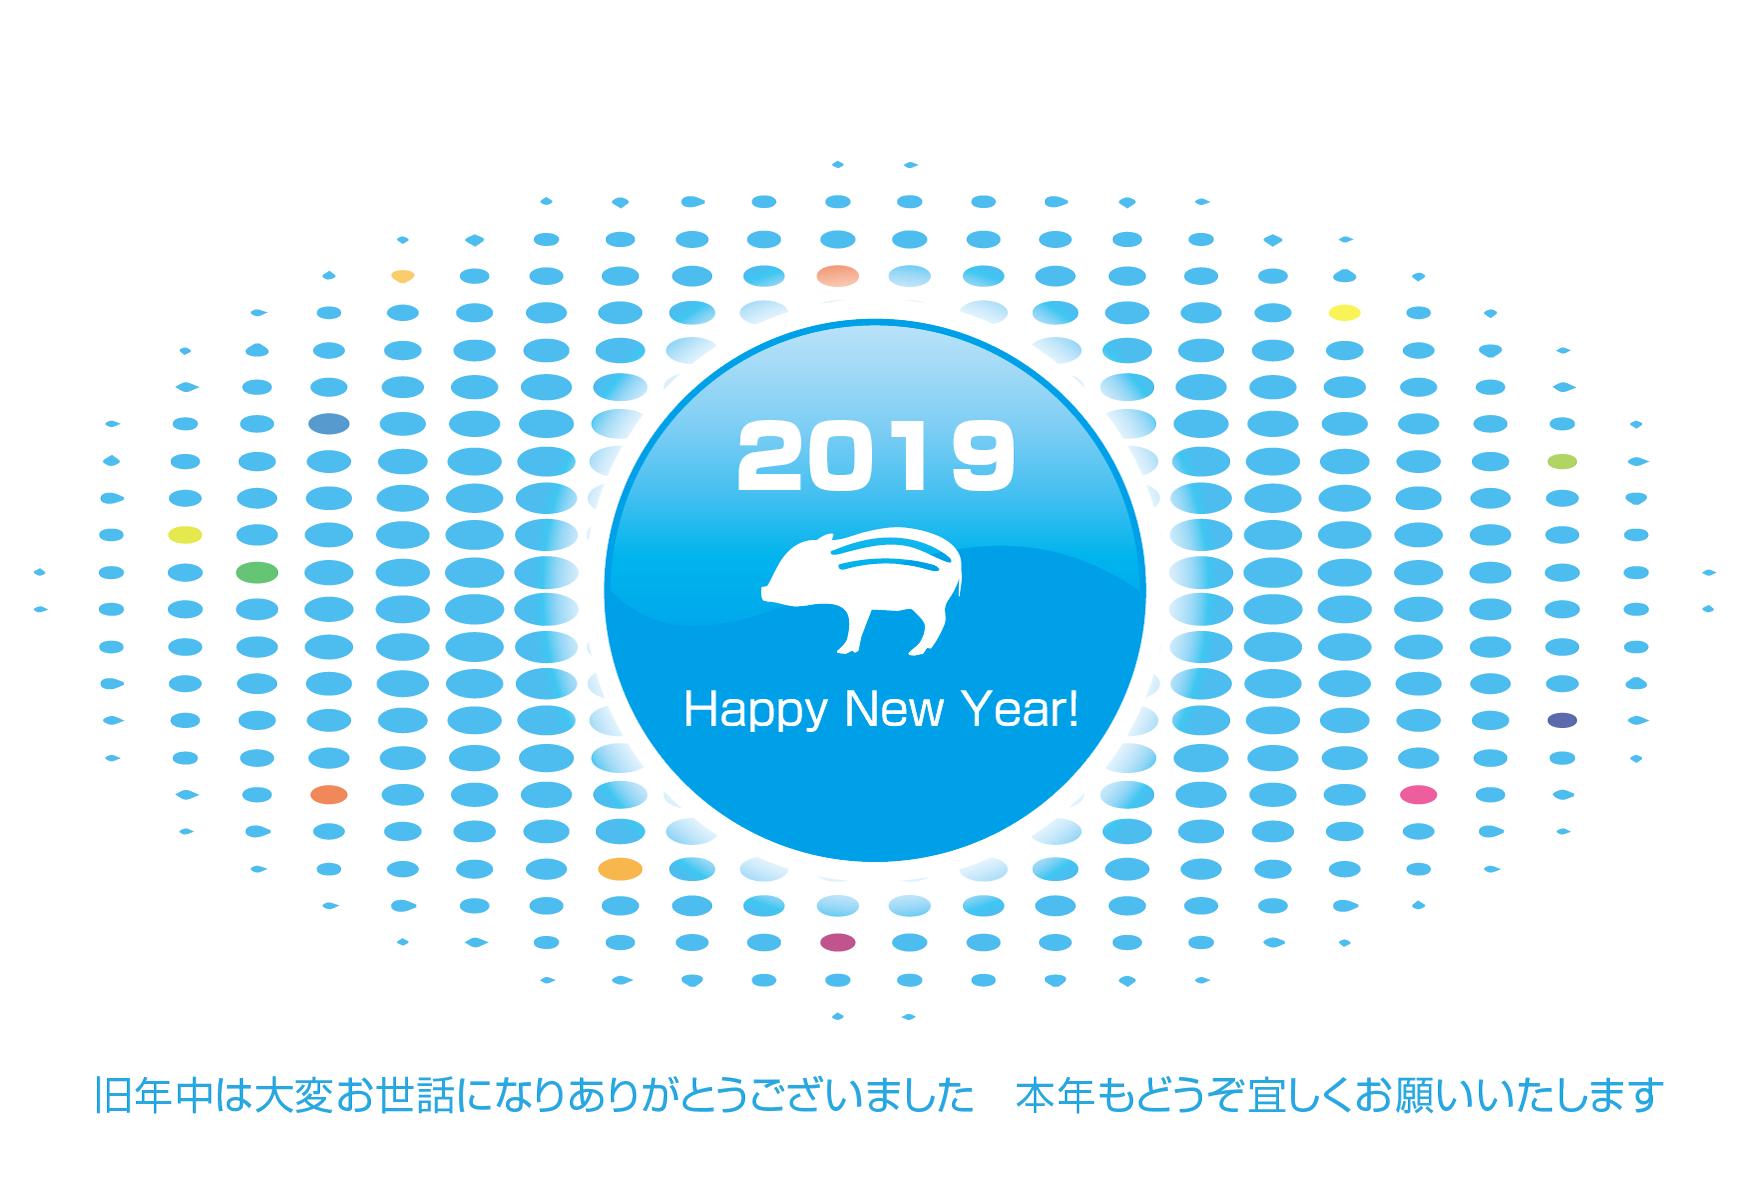 無料 2019年 デザイン年賀状 ドット